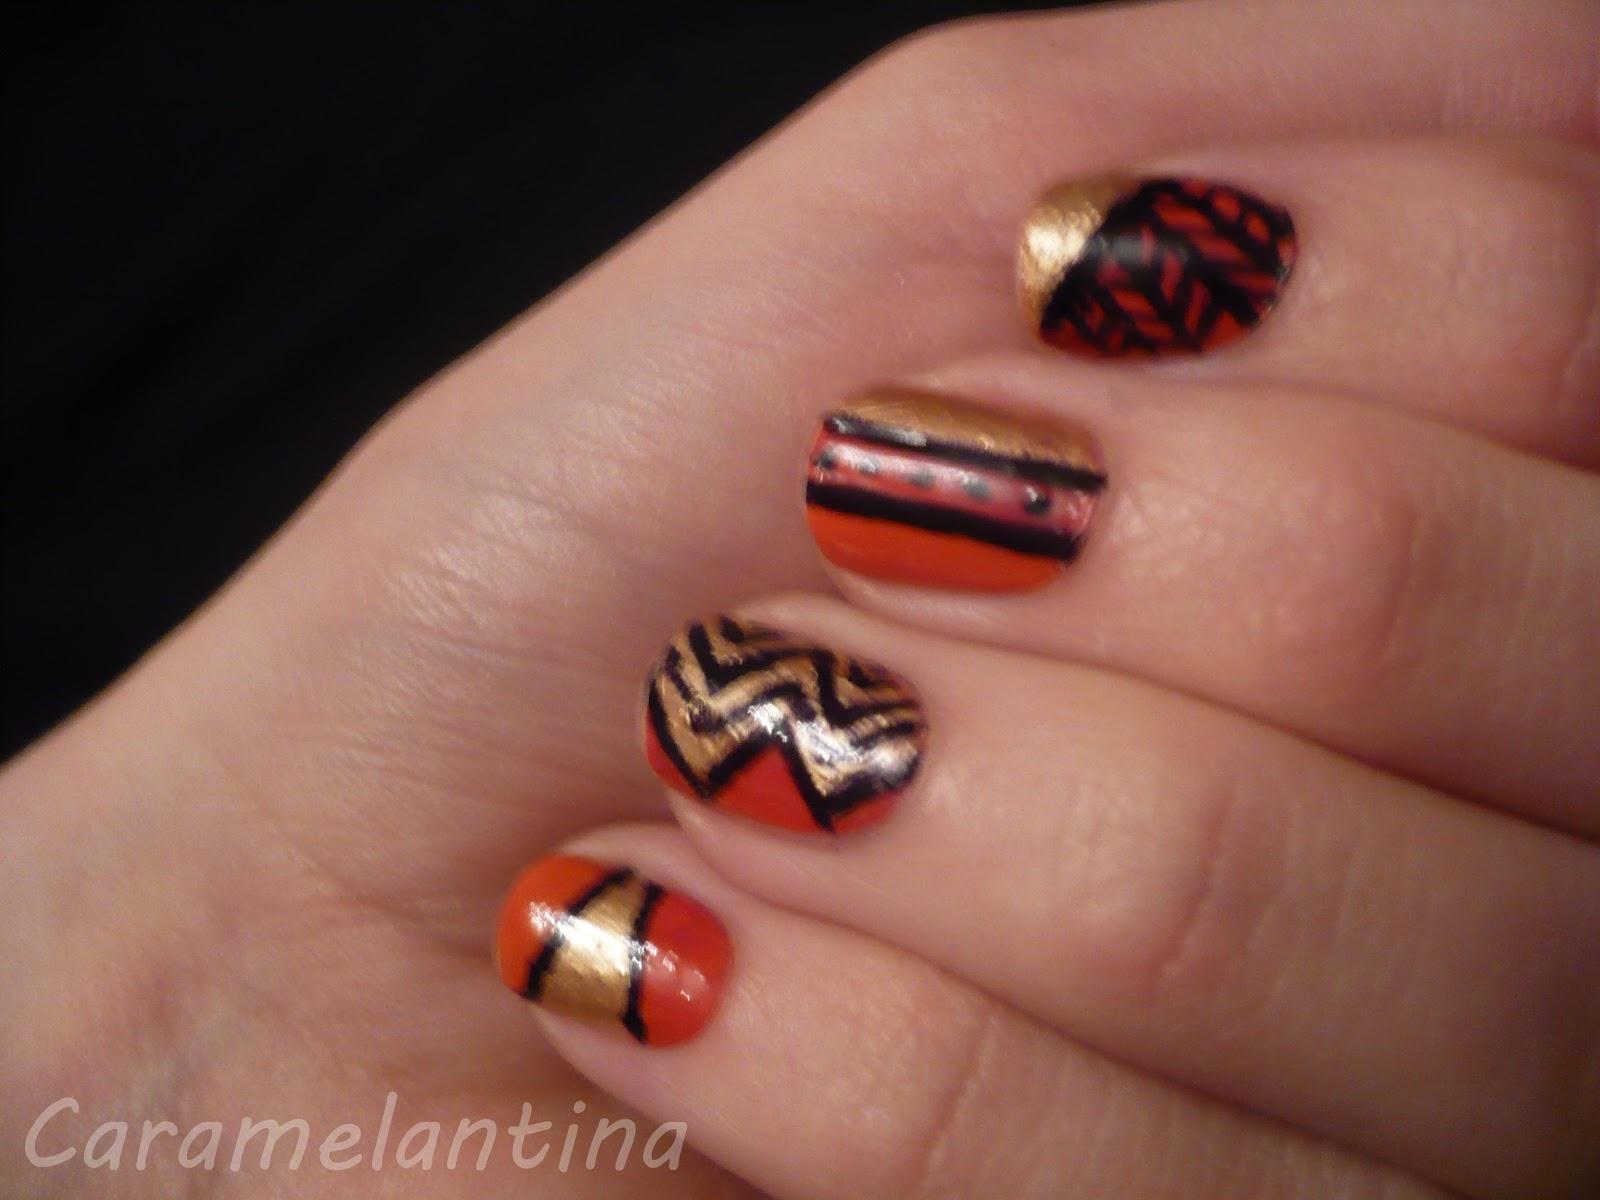 Nail art ideas, diseños, tribal, líneas, rayas, puntos, combinados, cinta scotch